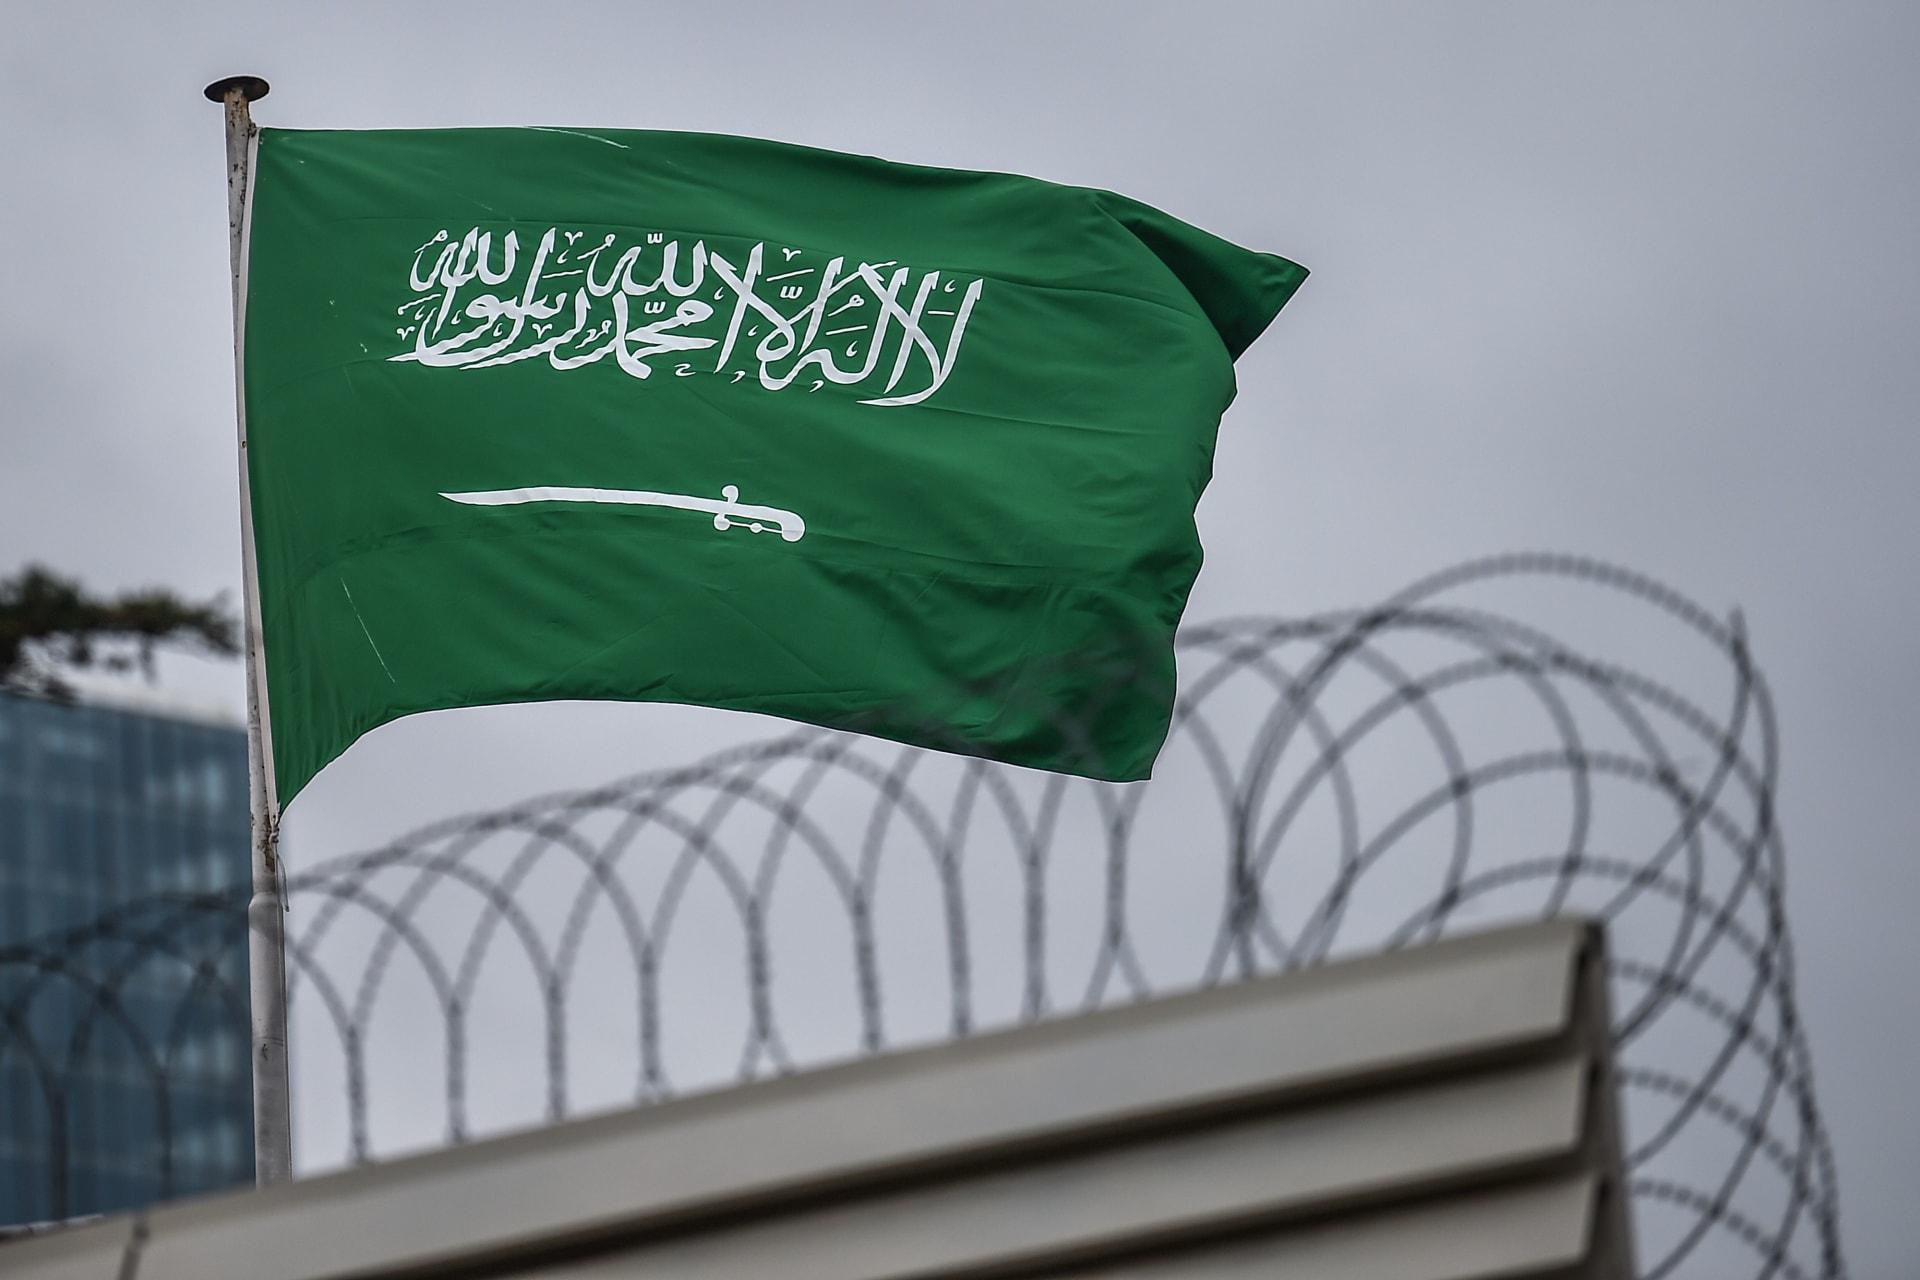 السلطات السعودية تكشف هوية شخص أساء لعلم المملكة